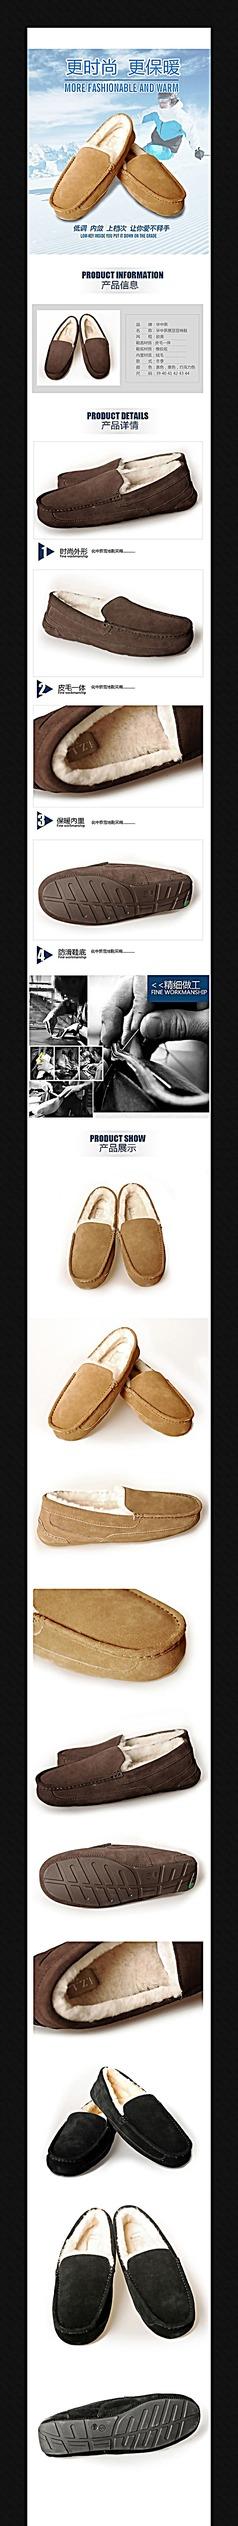 淘宝平底棉鞋详情描述模板